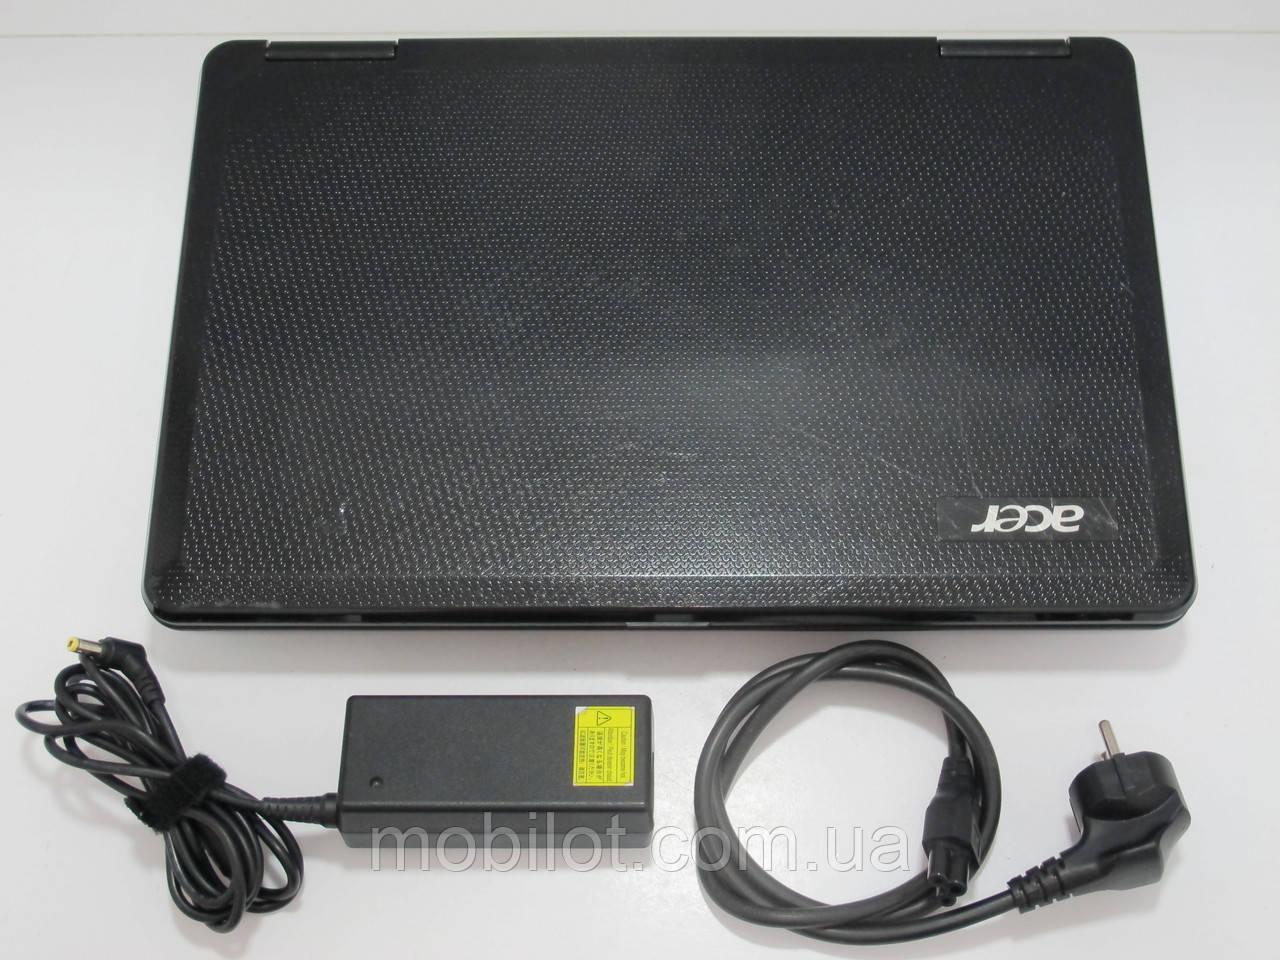 Ноутбук Acer Aspire 5334 (NR-7154)